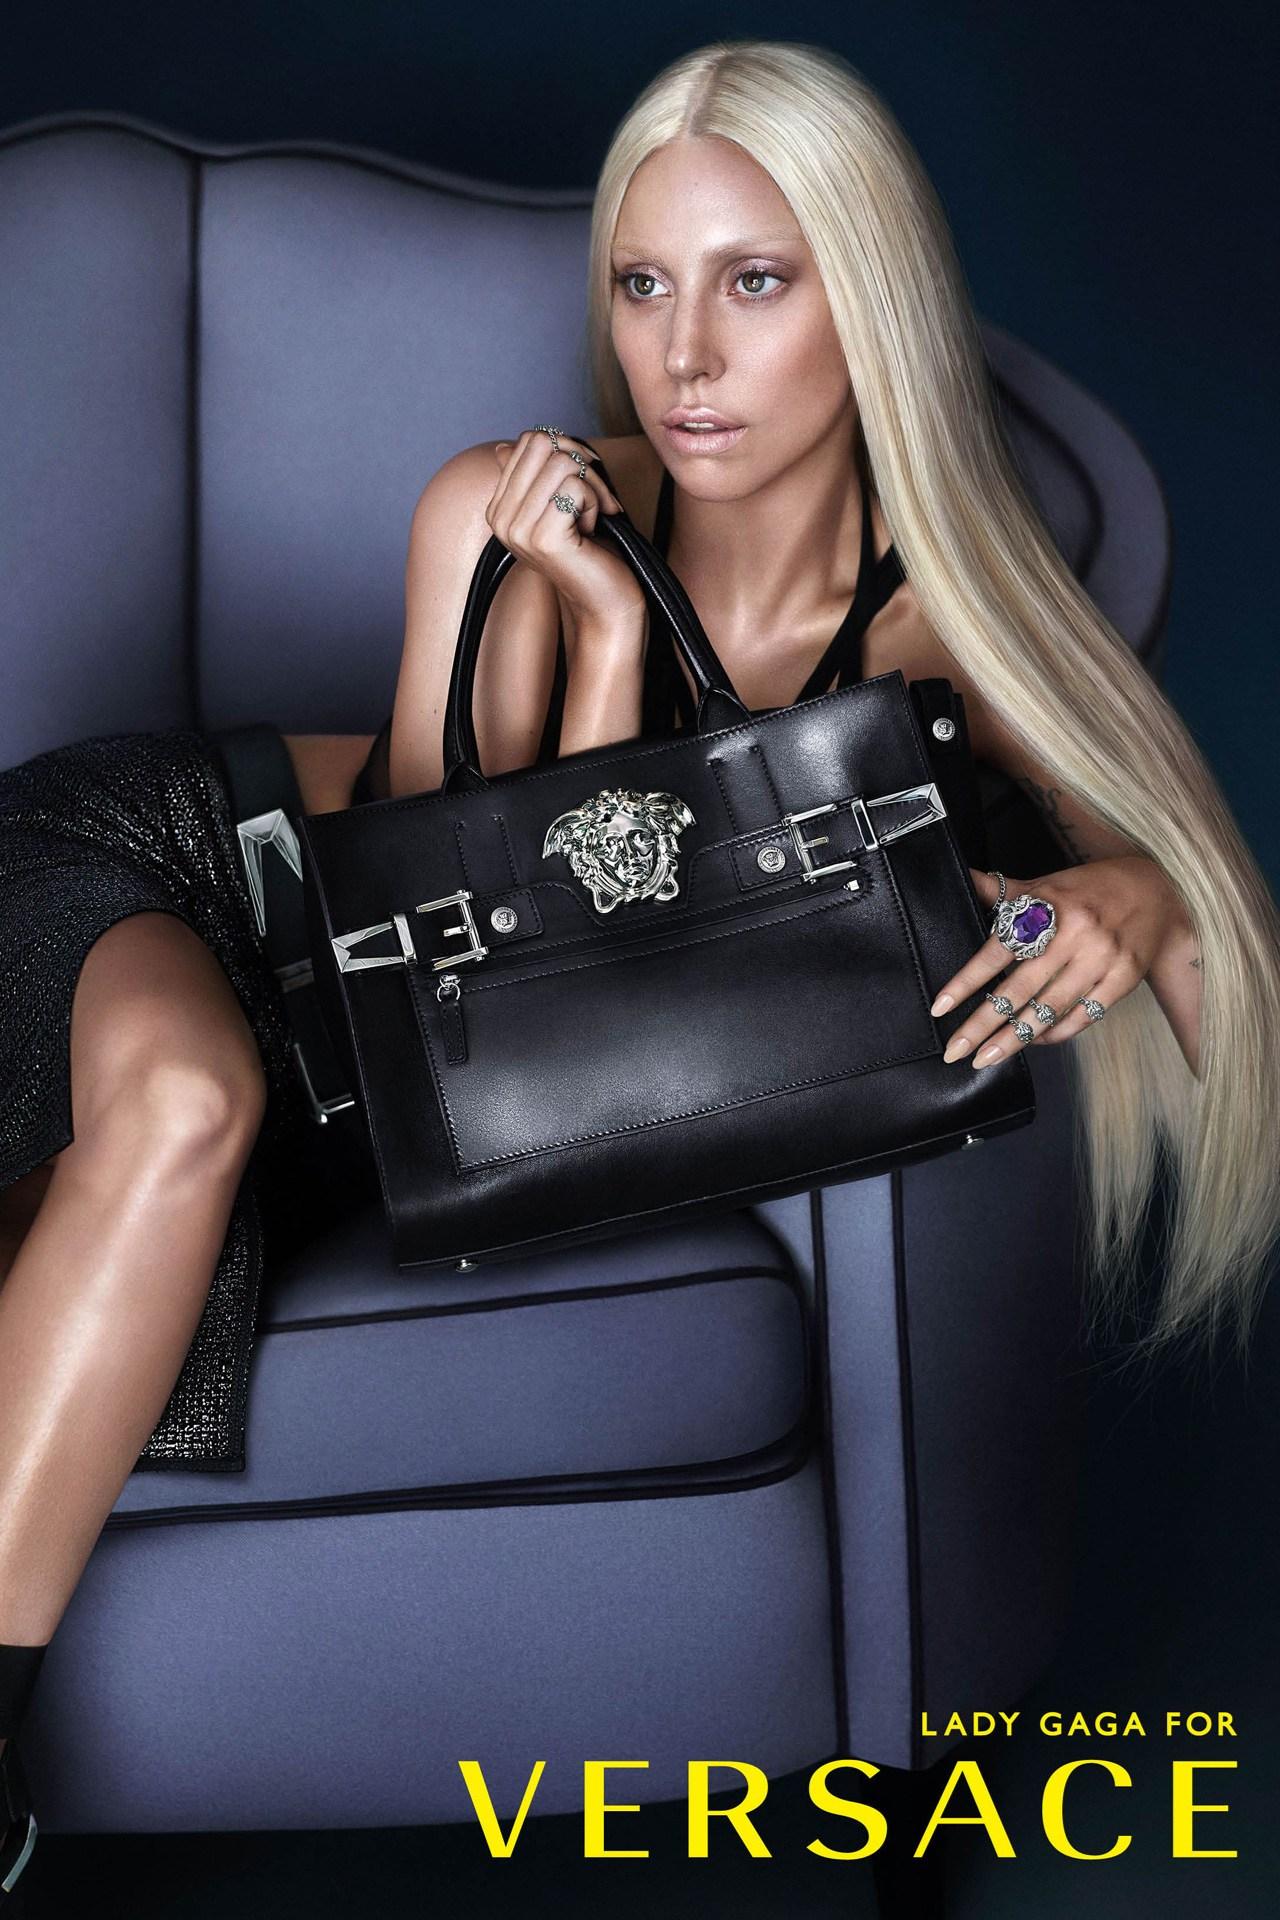 Lady Gaga trở thành gương mặt đại diện cho Versace